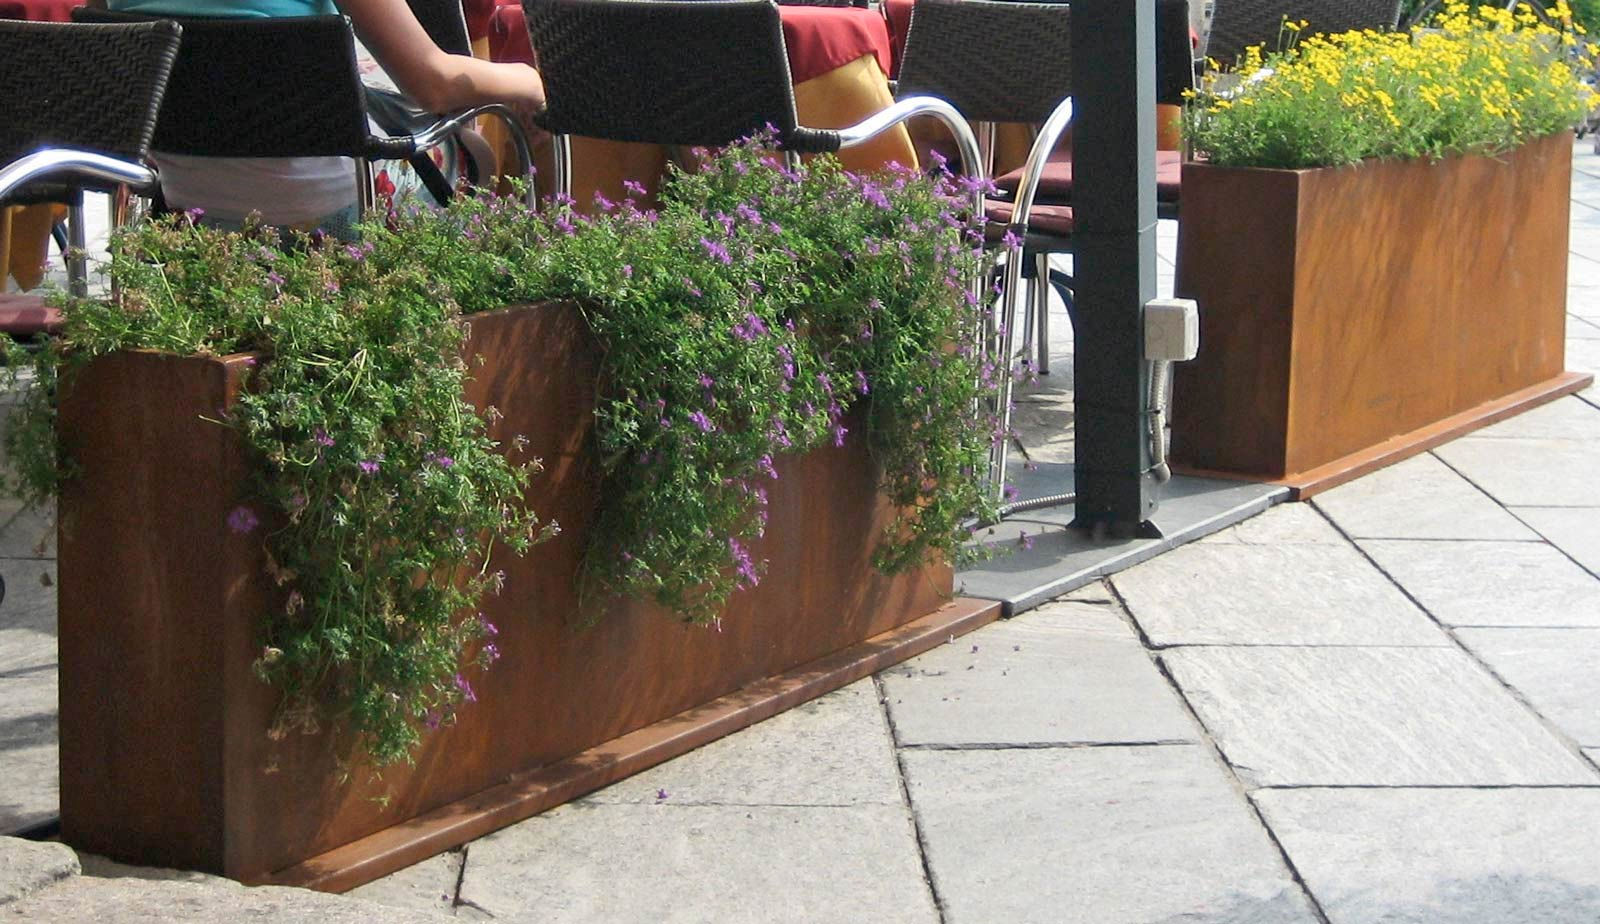 Lizart fioriere in metallo acciaio corten - Fioriere da esterno in pietra ...